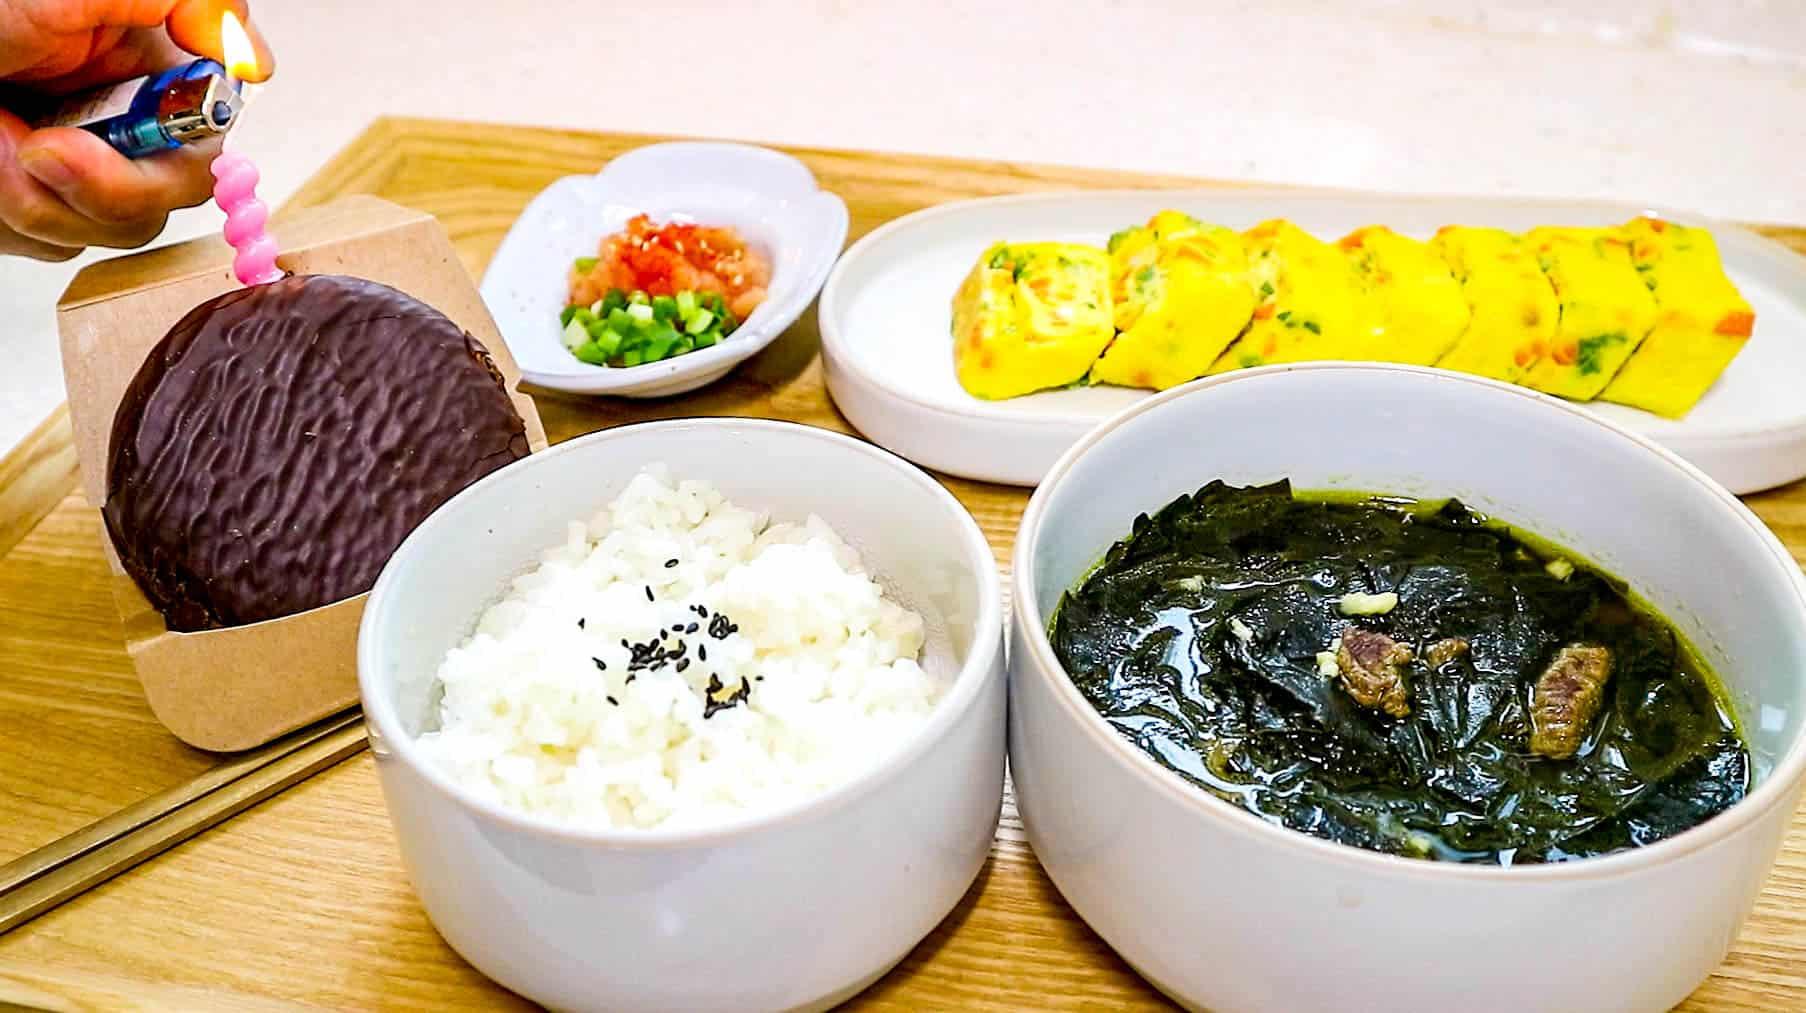 Korean Birthday Food - Breakfast Set Meal